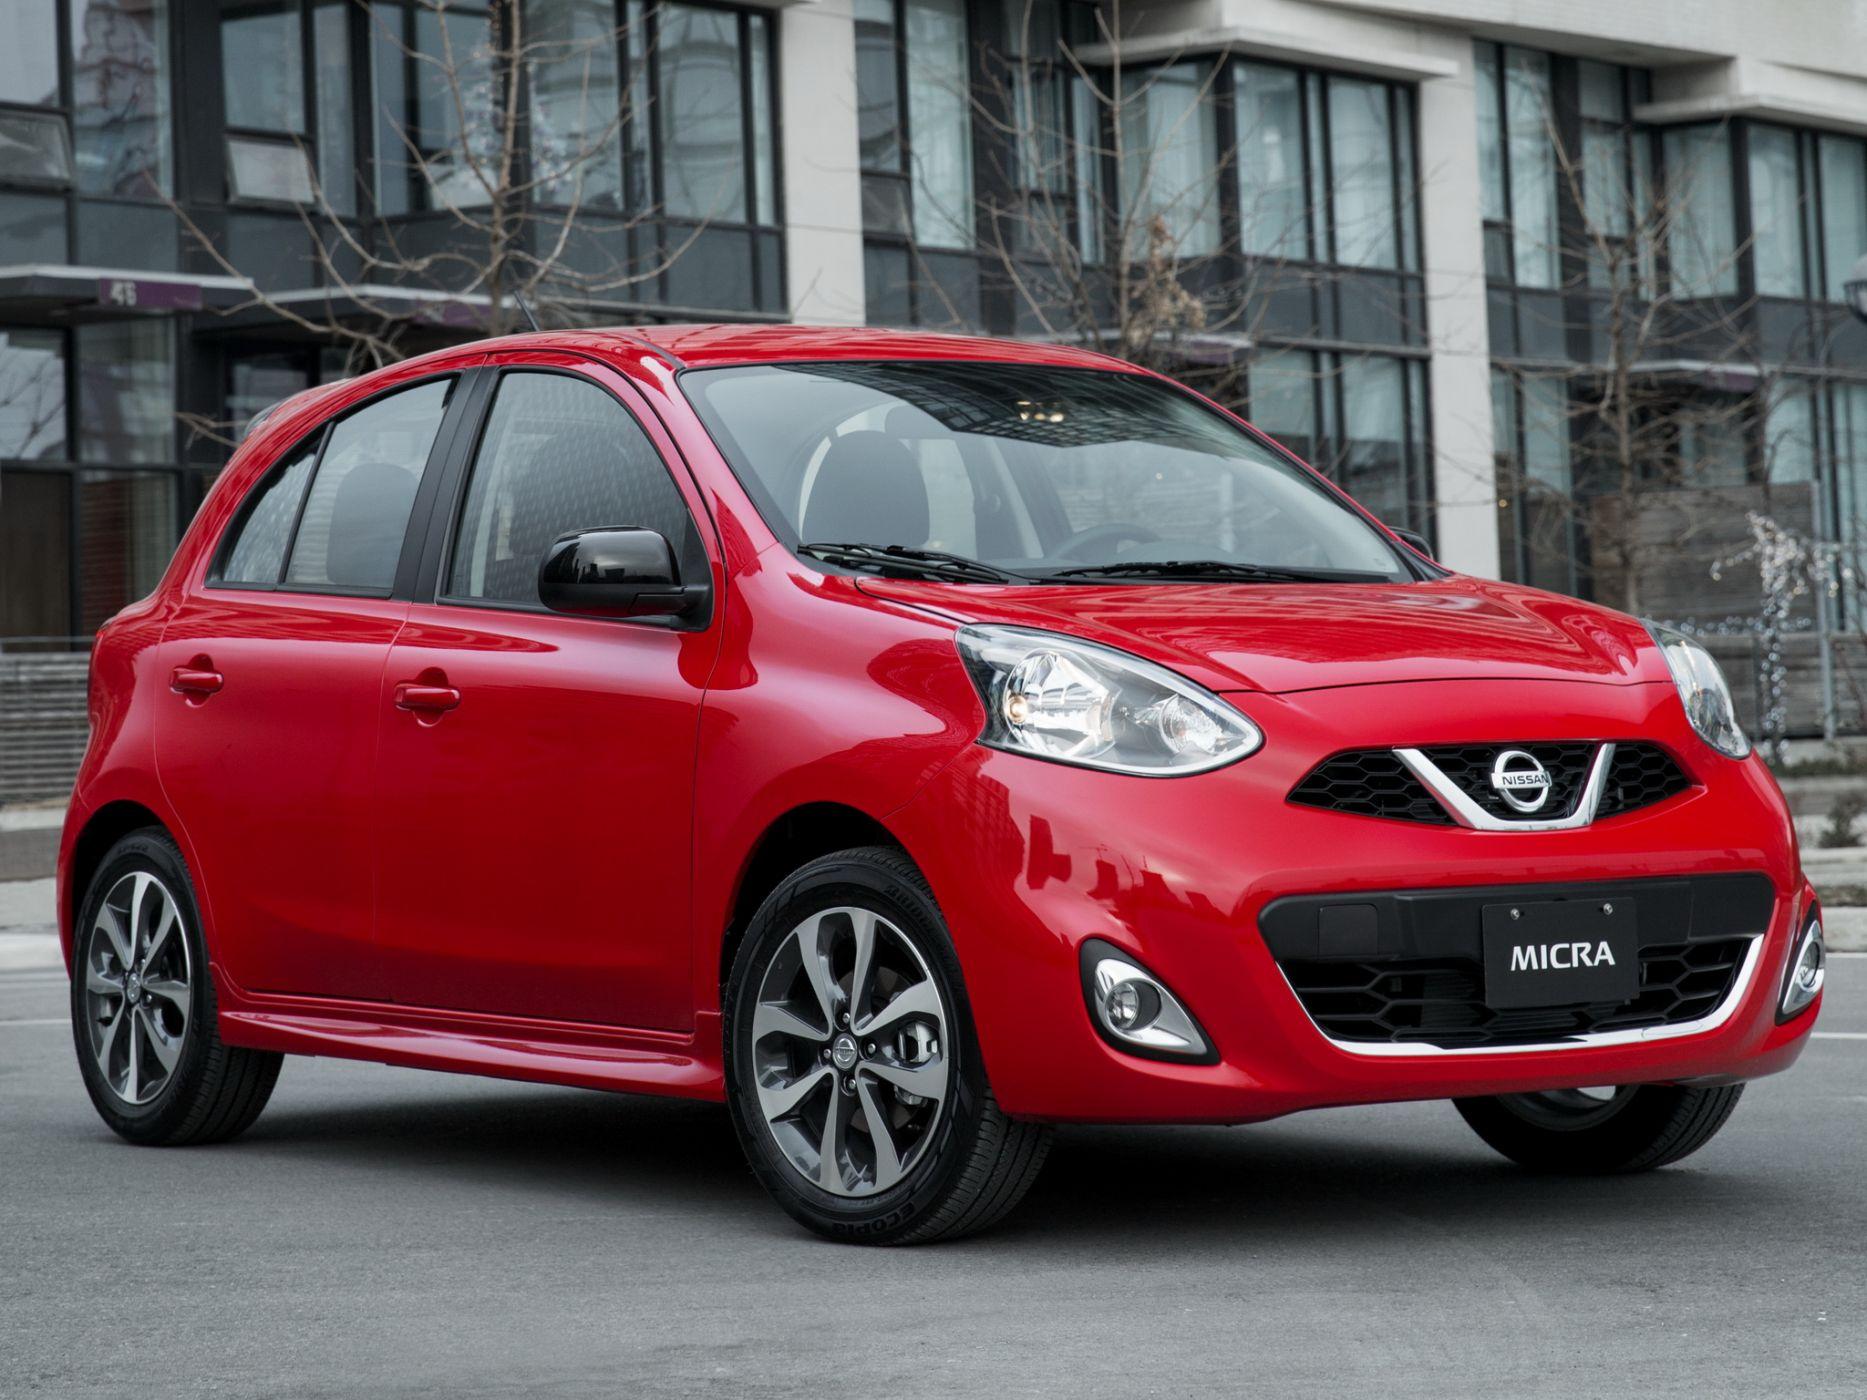 Renault отвечает за постройку Nissan Micra следующего поколения